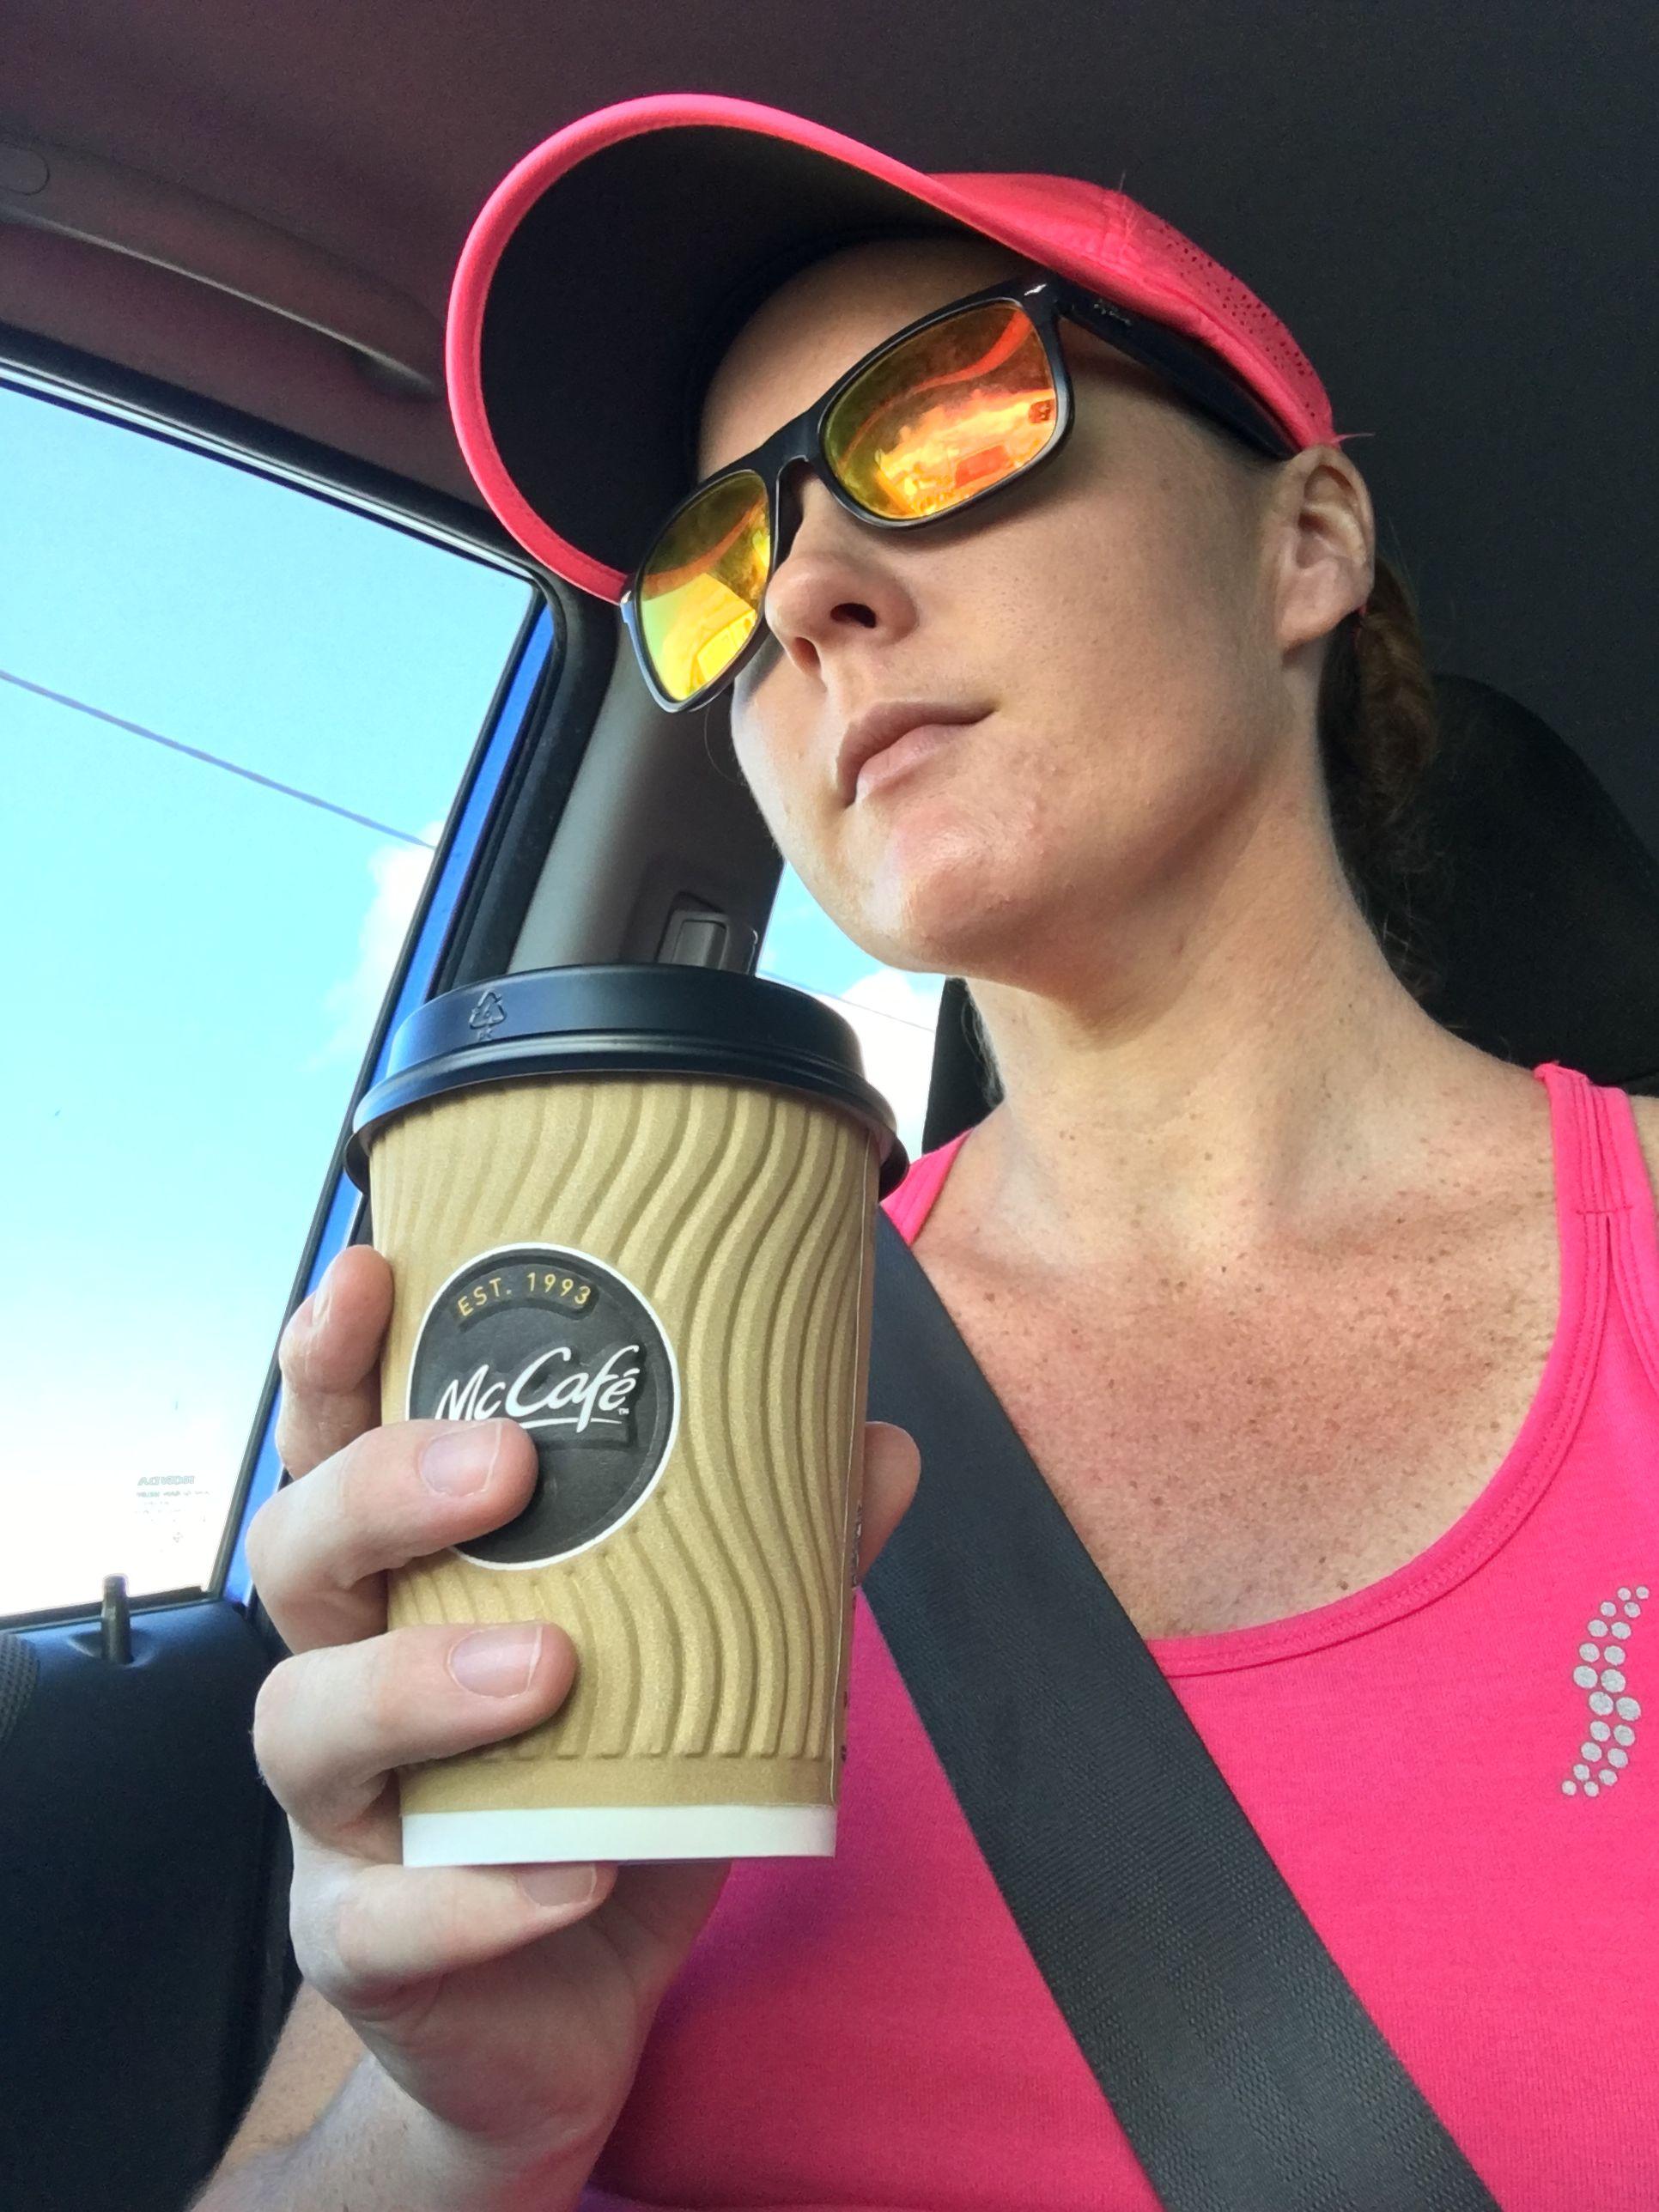 32+ Wawa free coffee may trends